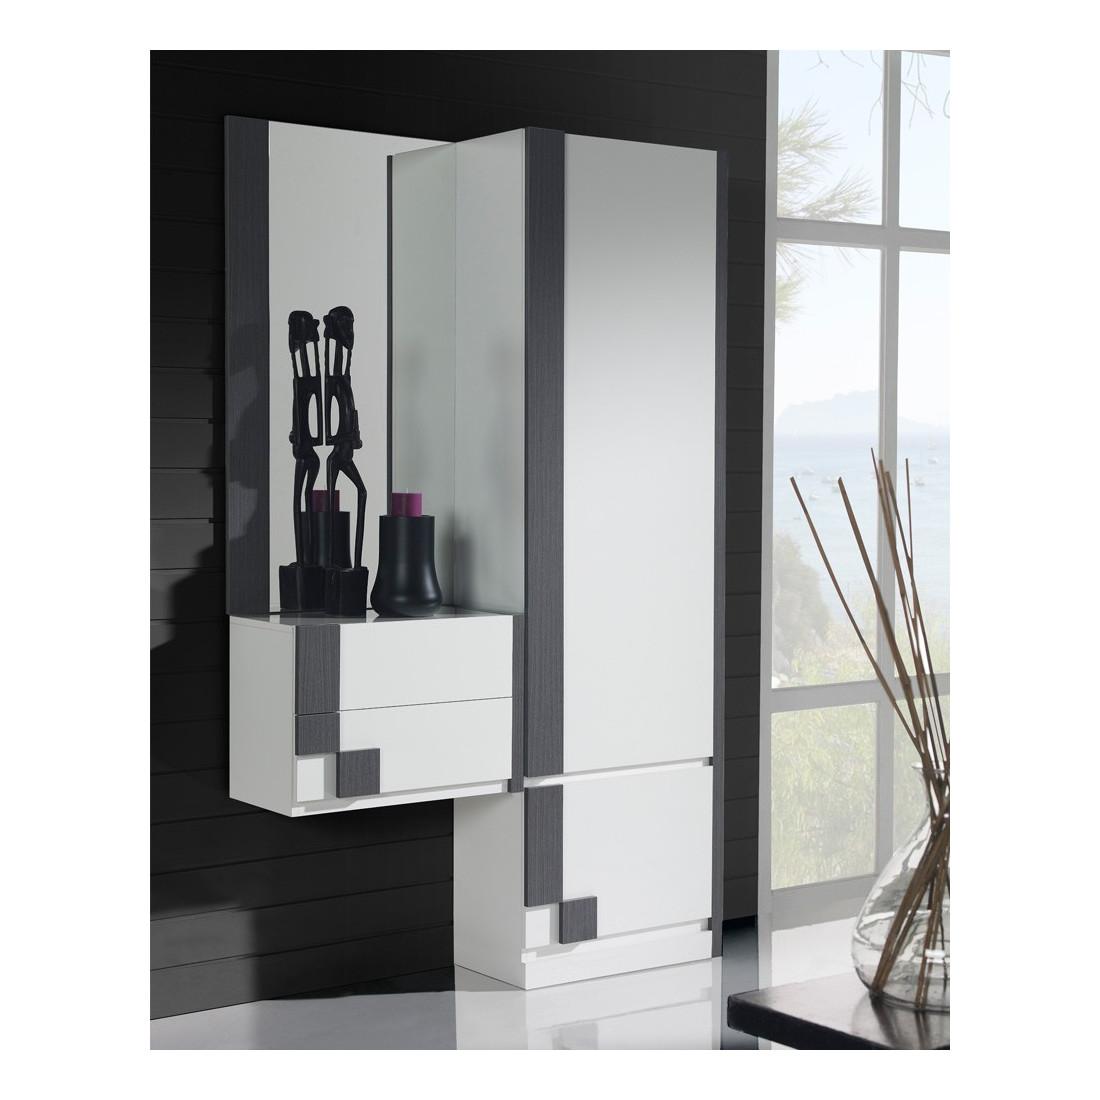 Meuble d 39 entr e armoire miroir blanc cendre paoula - Meuble d entree miroir ...